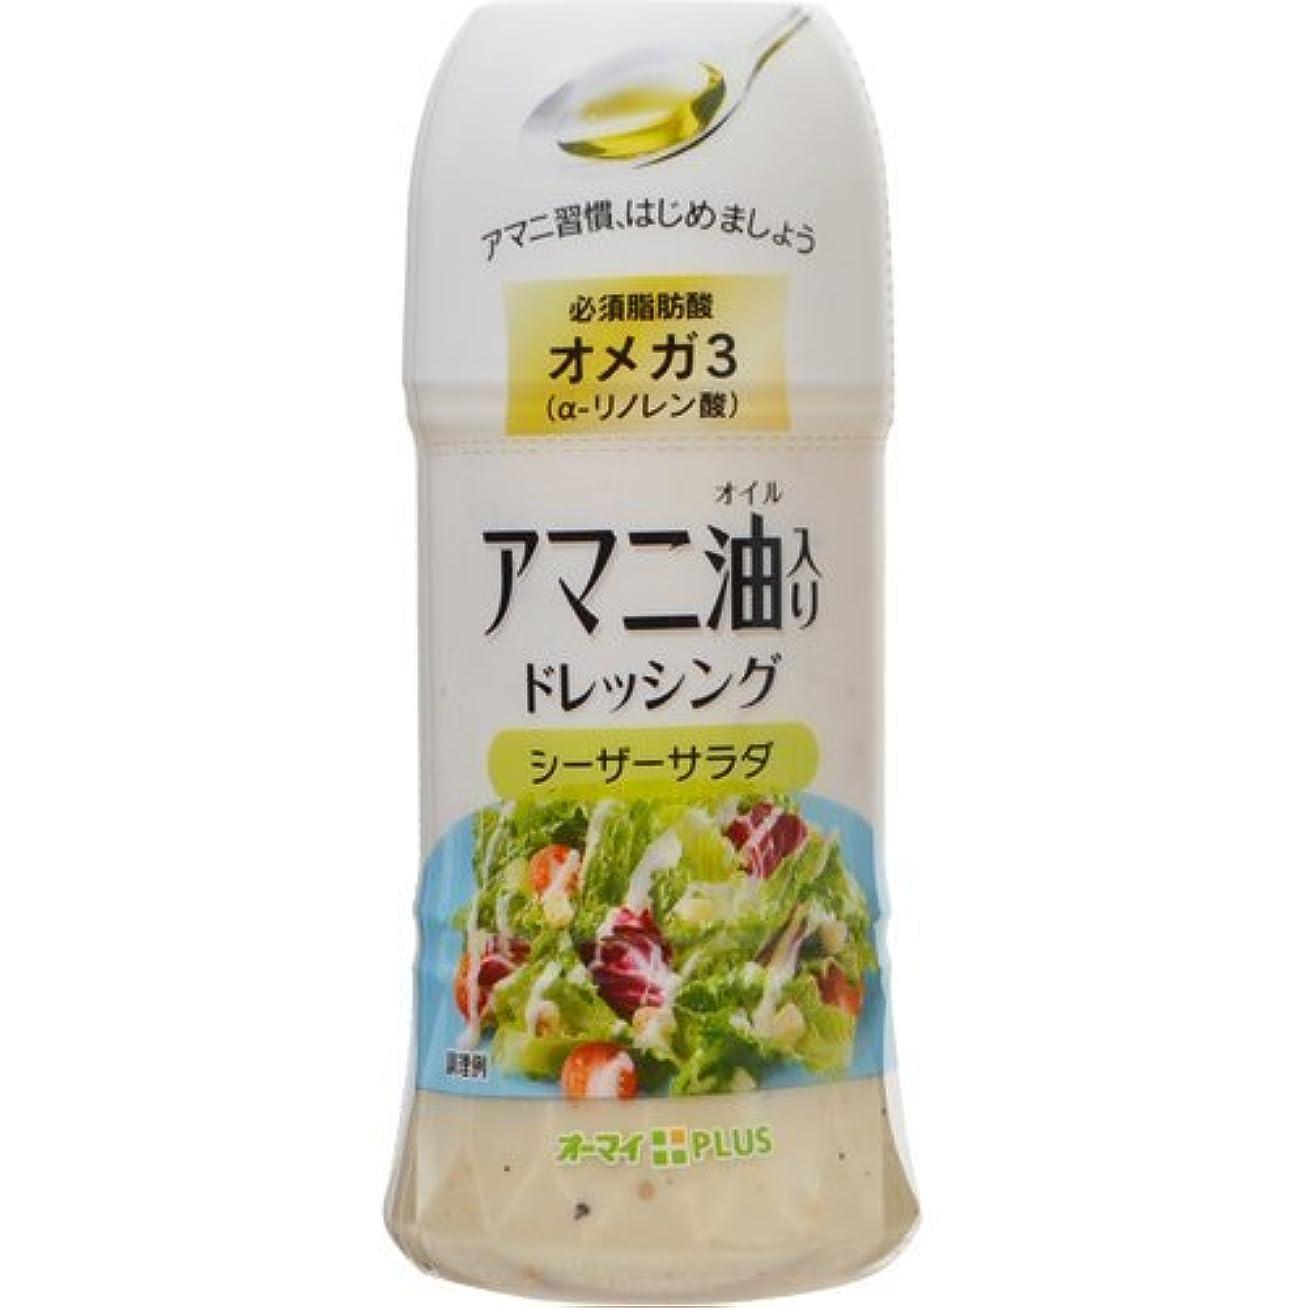 水っぽいプロペラ粒アマニ油入り ドレッシング シーザーサラダ【6セット】